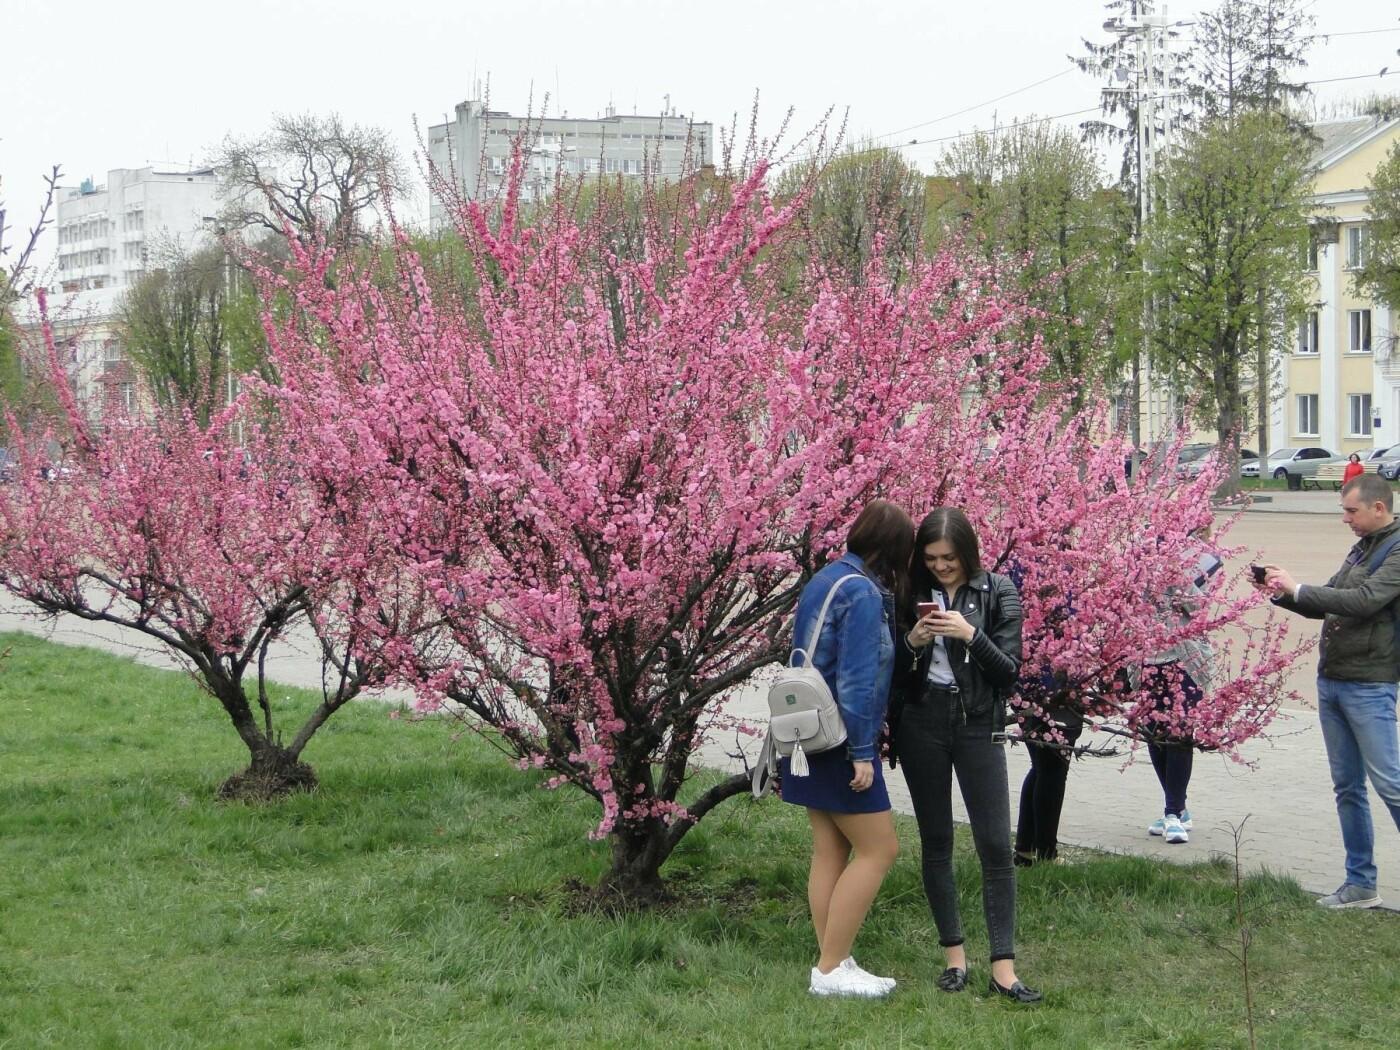 Ти ще не тут? У центрі Хмельницького розцвіли сакури (фото), фото-12